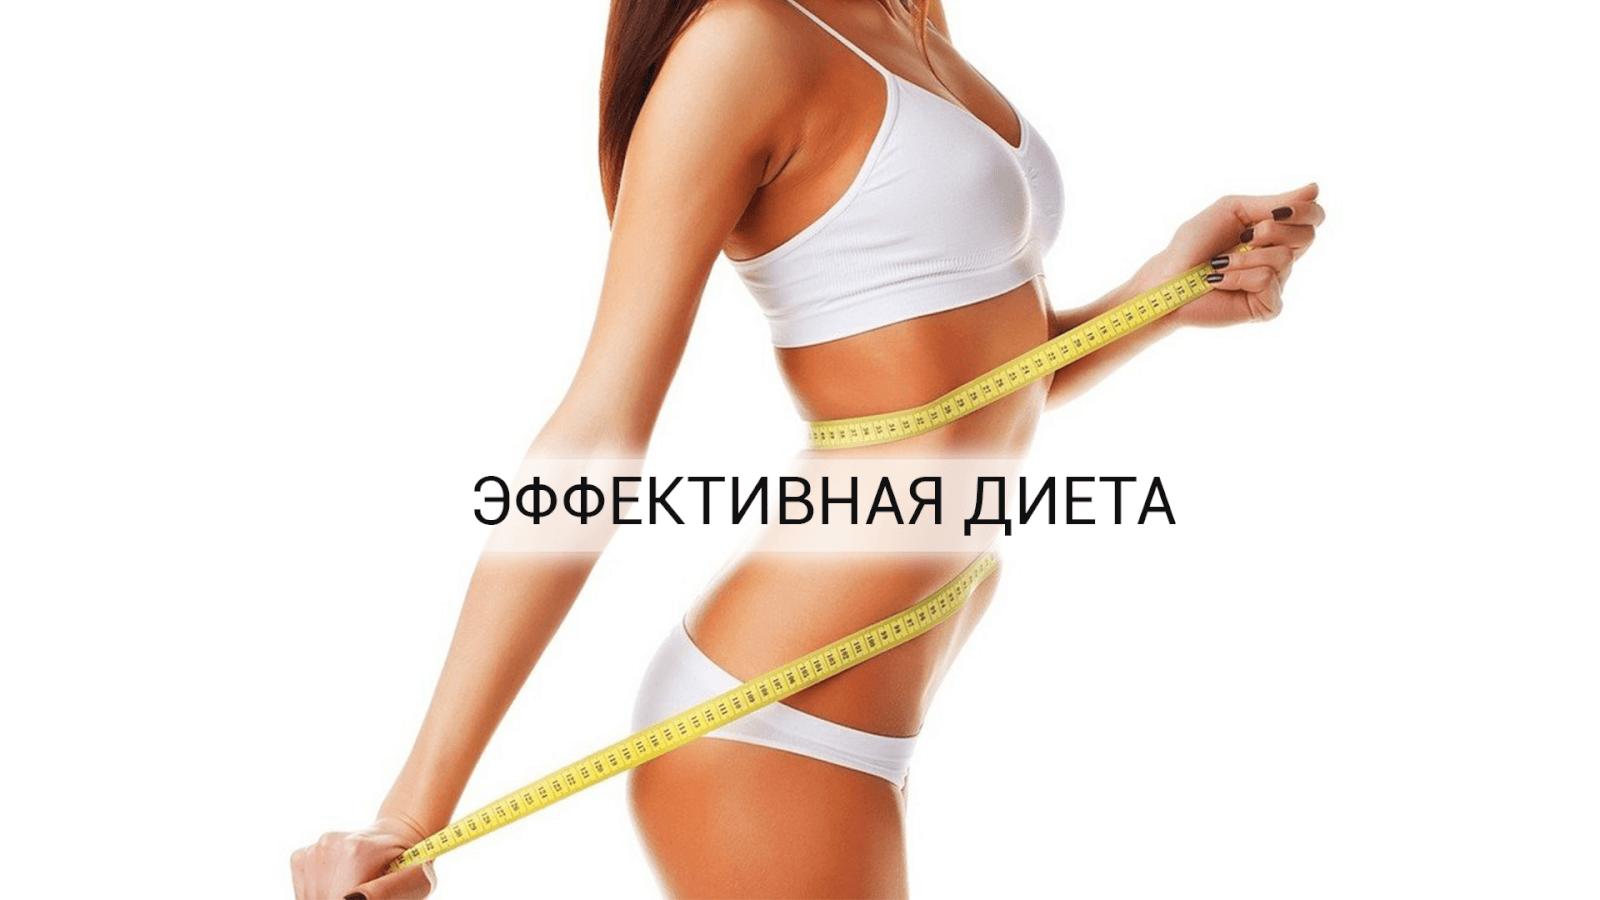 Диета килограммчик: особенности, советы и рекомендации